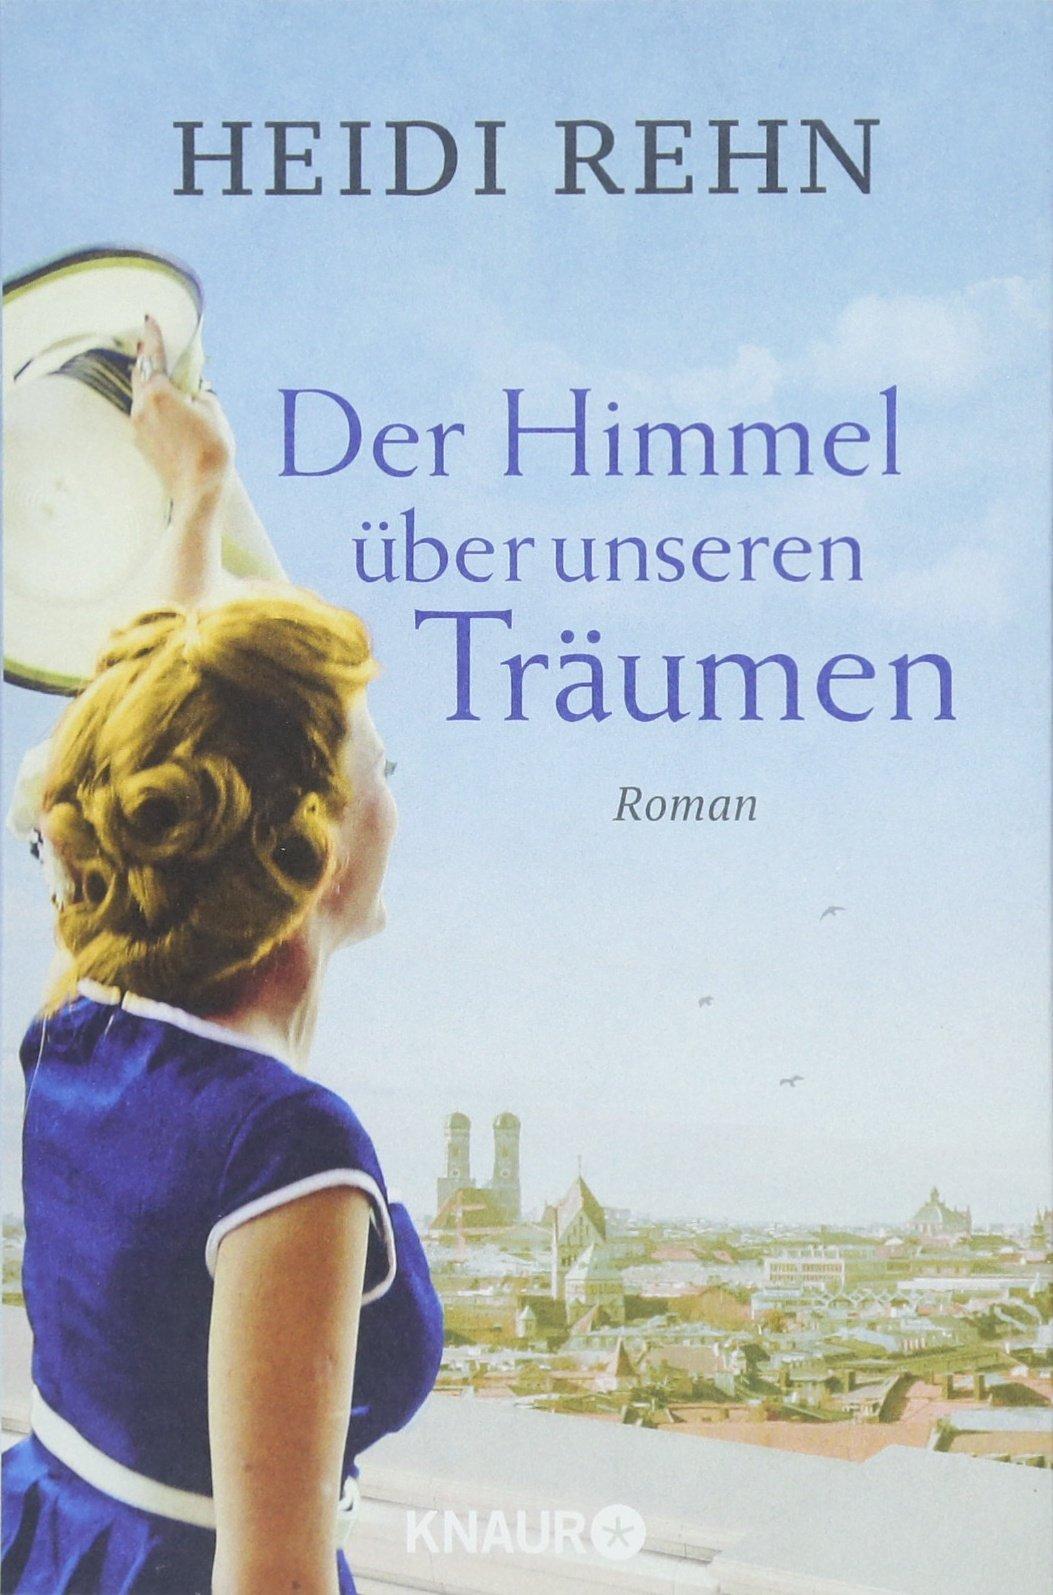 Der Himmel über unseren Träumen: Roman: Amazon.de: Heidi Rehn: Bücher